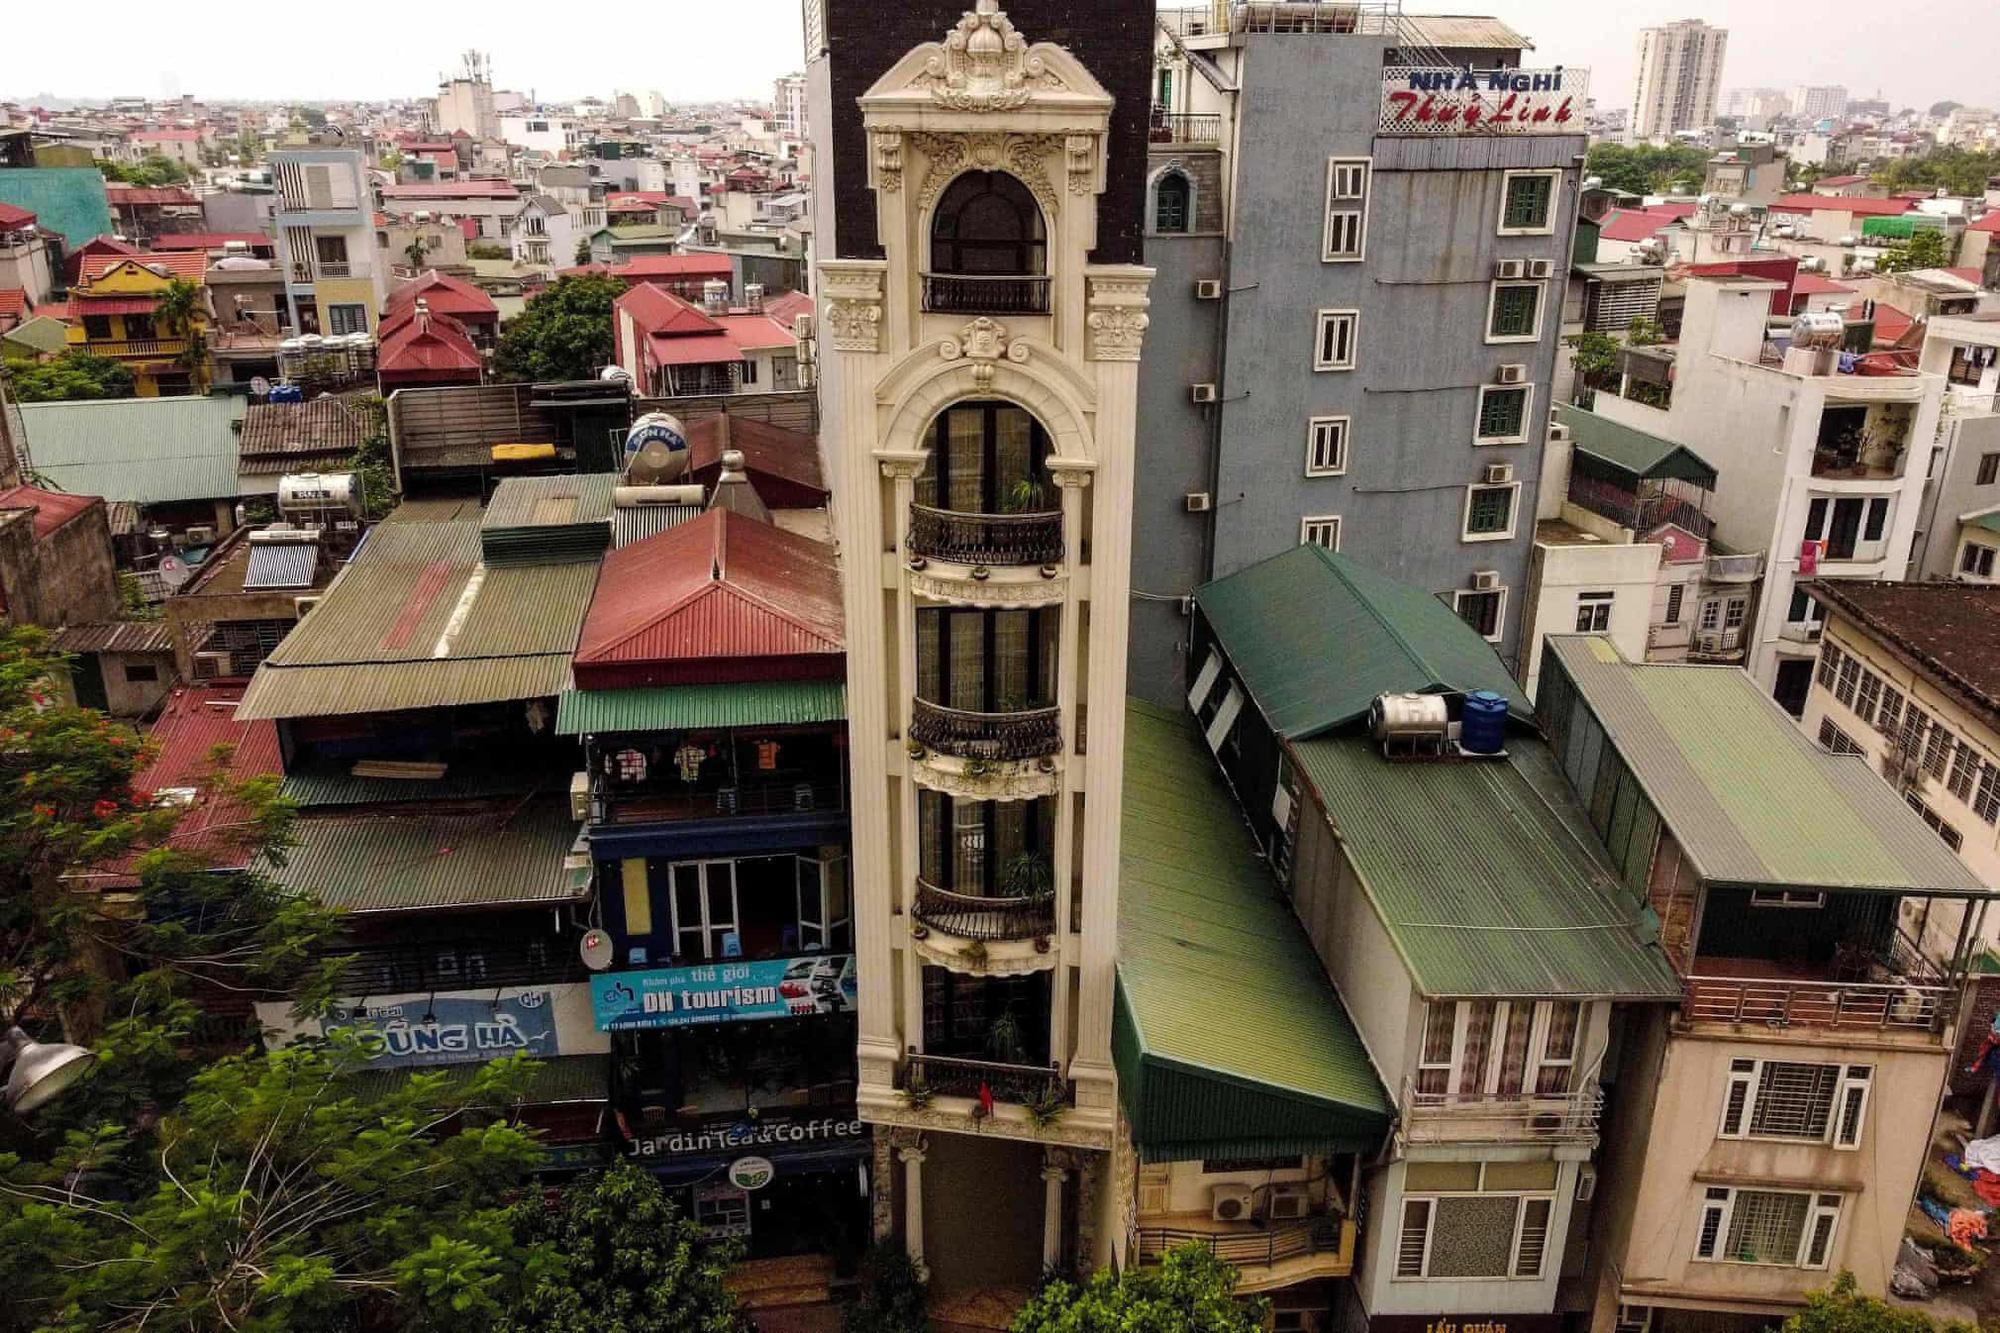 Nhà ống ở Hà Nội lên báo nước ngoài - Ảnh 6.